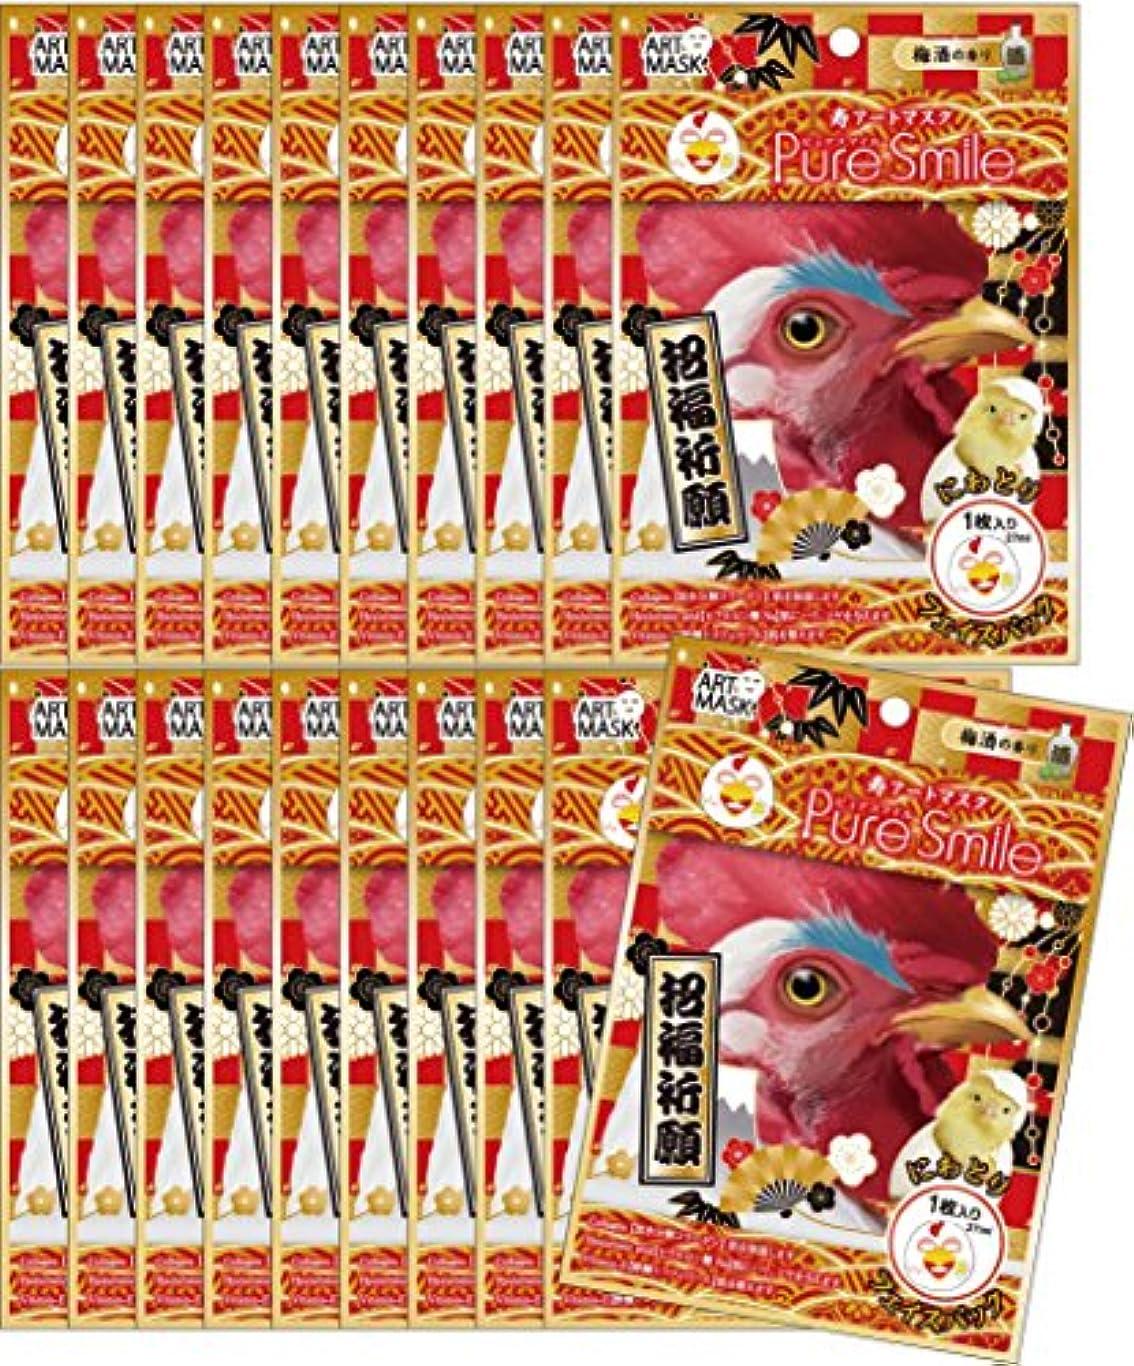 一般的に言えば減る流行【ピュアスマイル】『迎春寿アートマスク』(にわとり/梅酒の香り)20枚セット